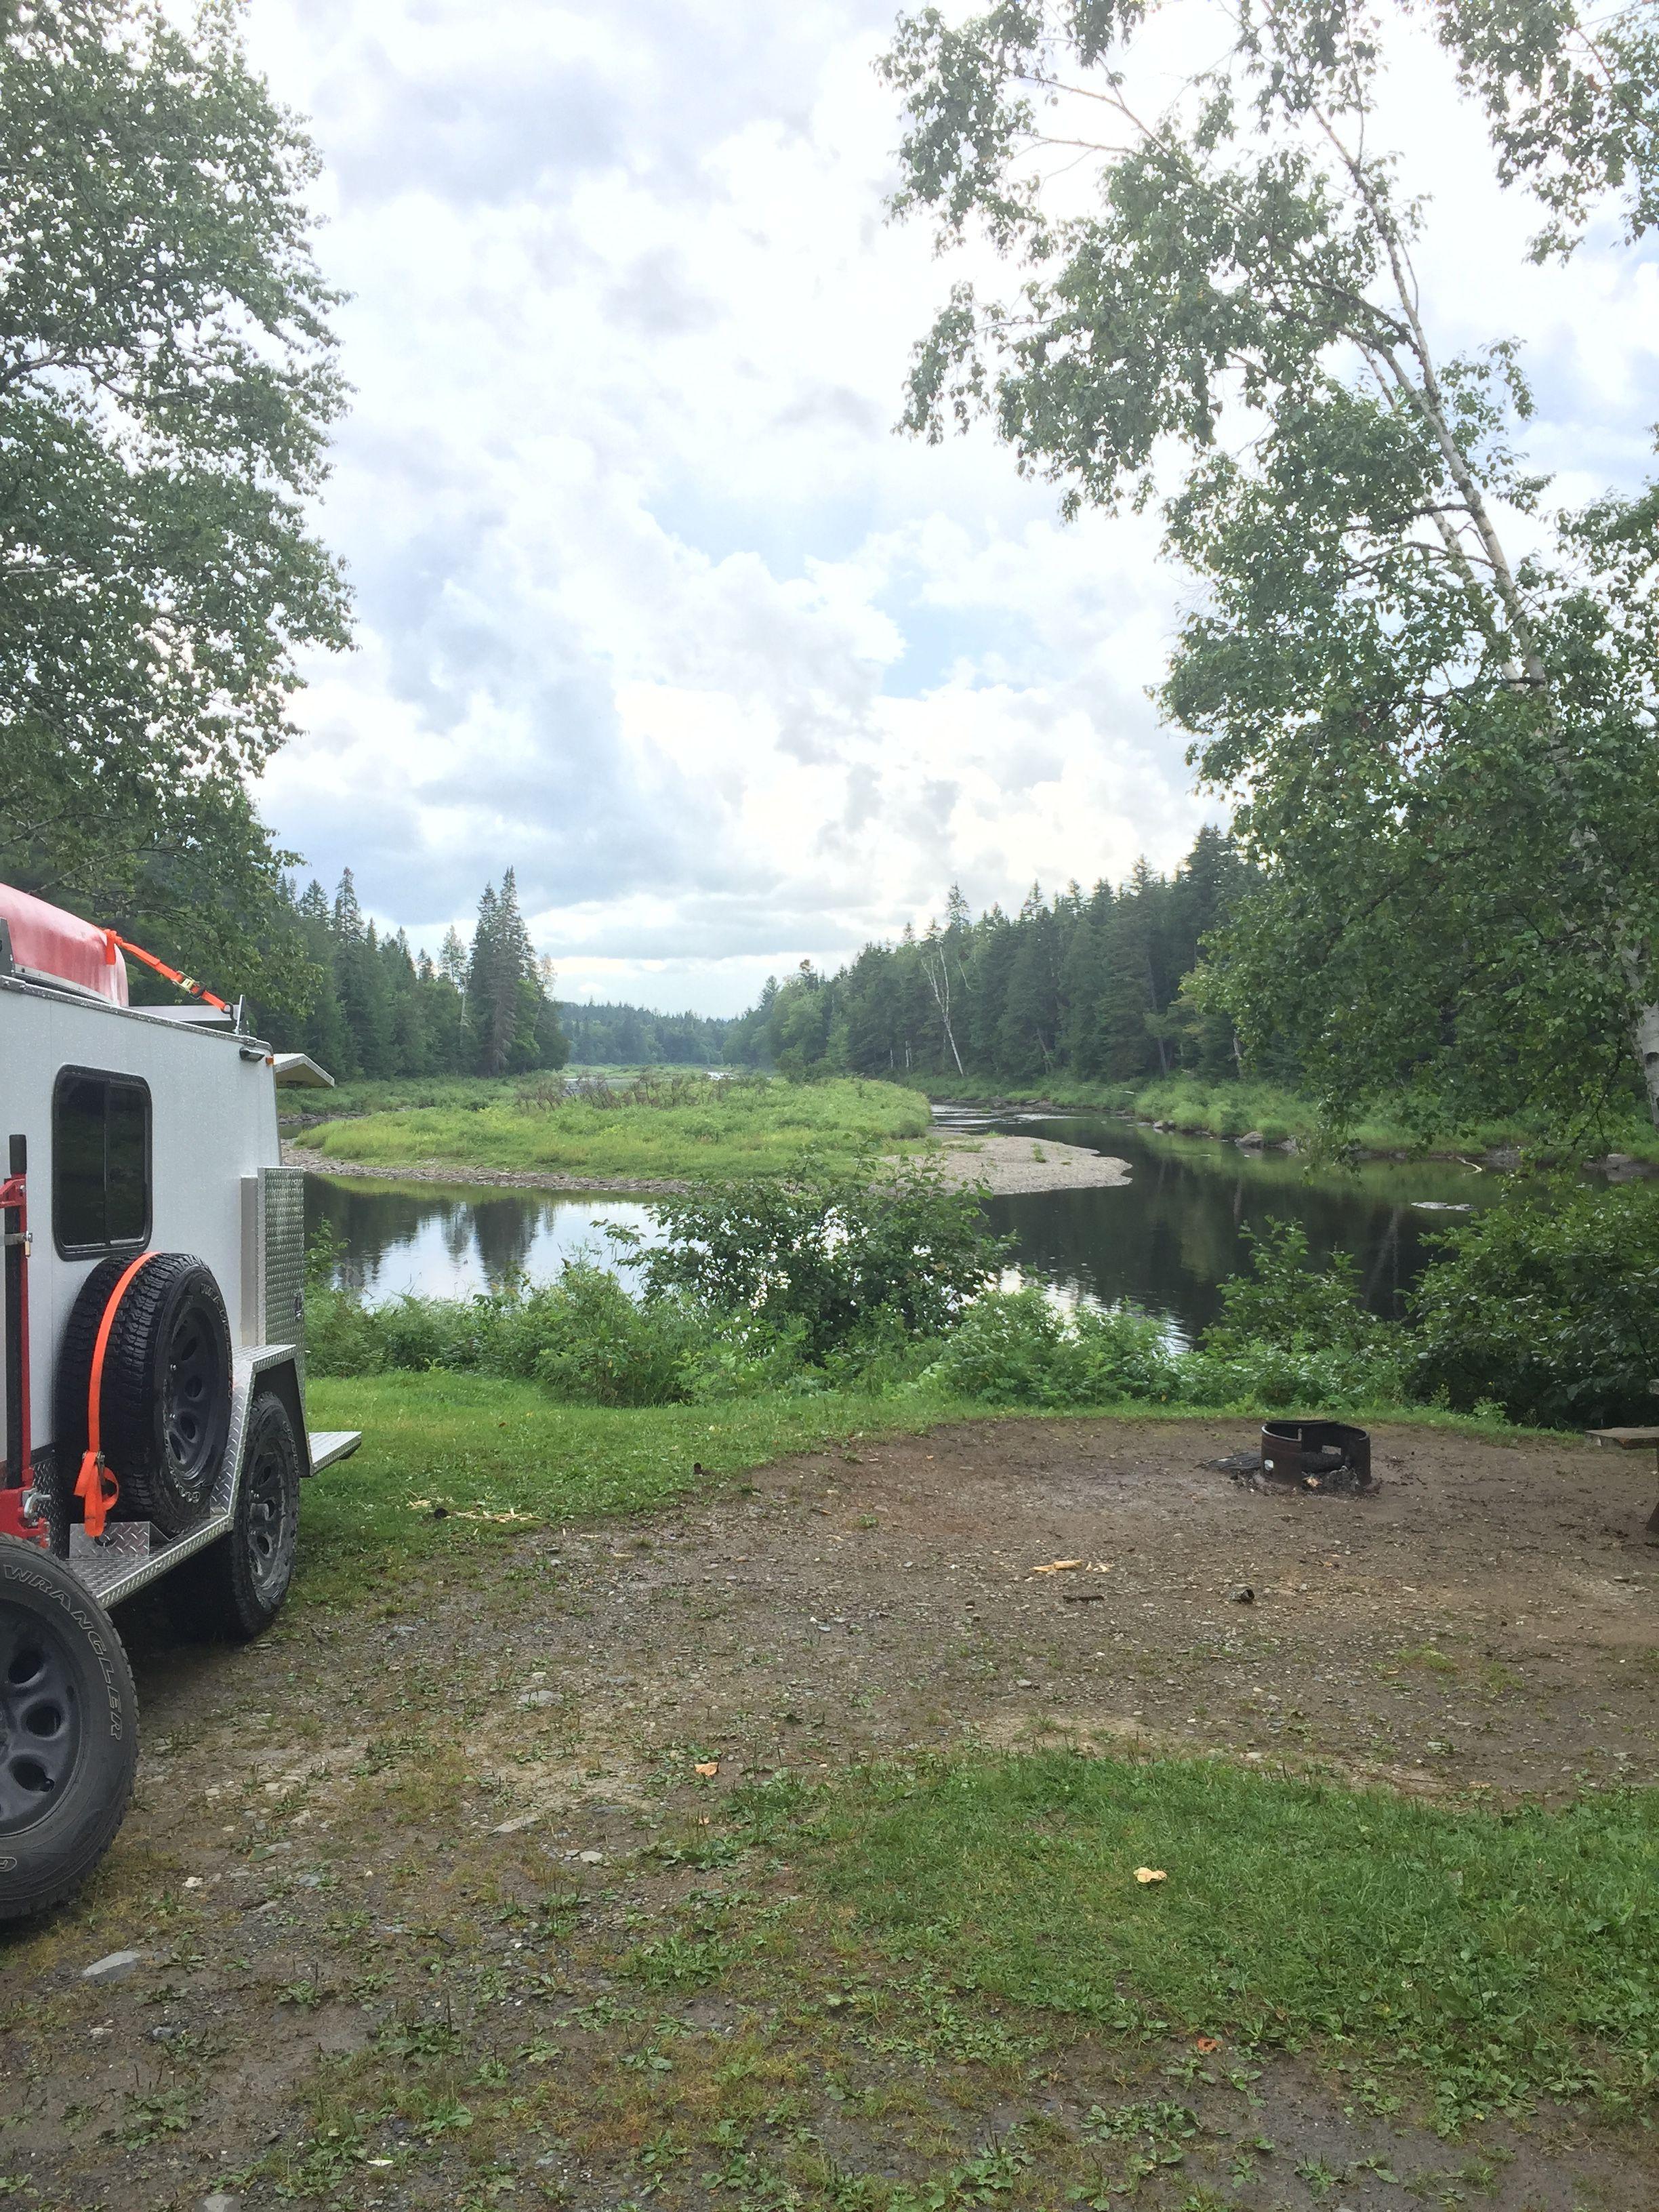 Moosehead lake lake camping